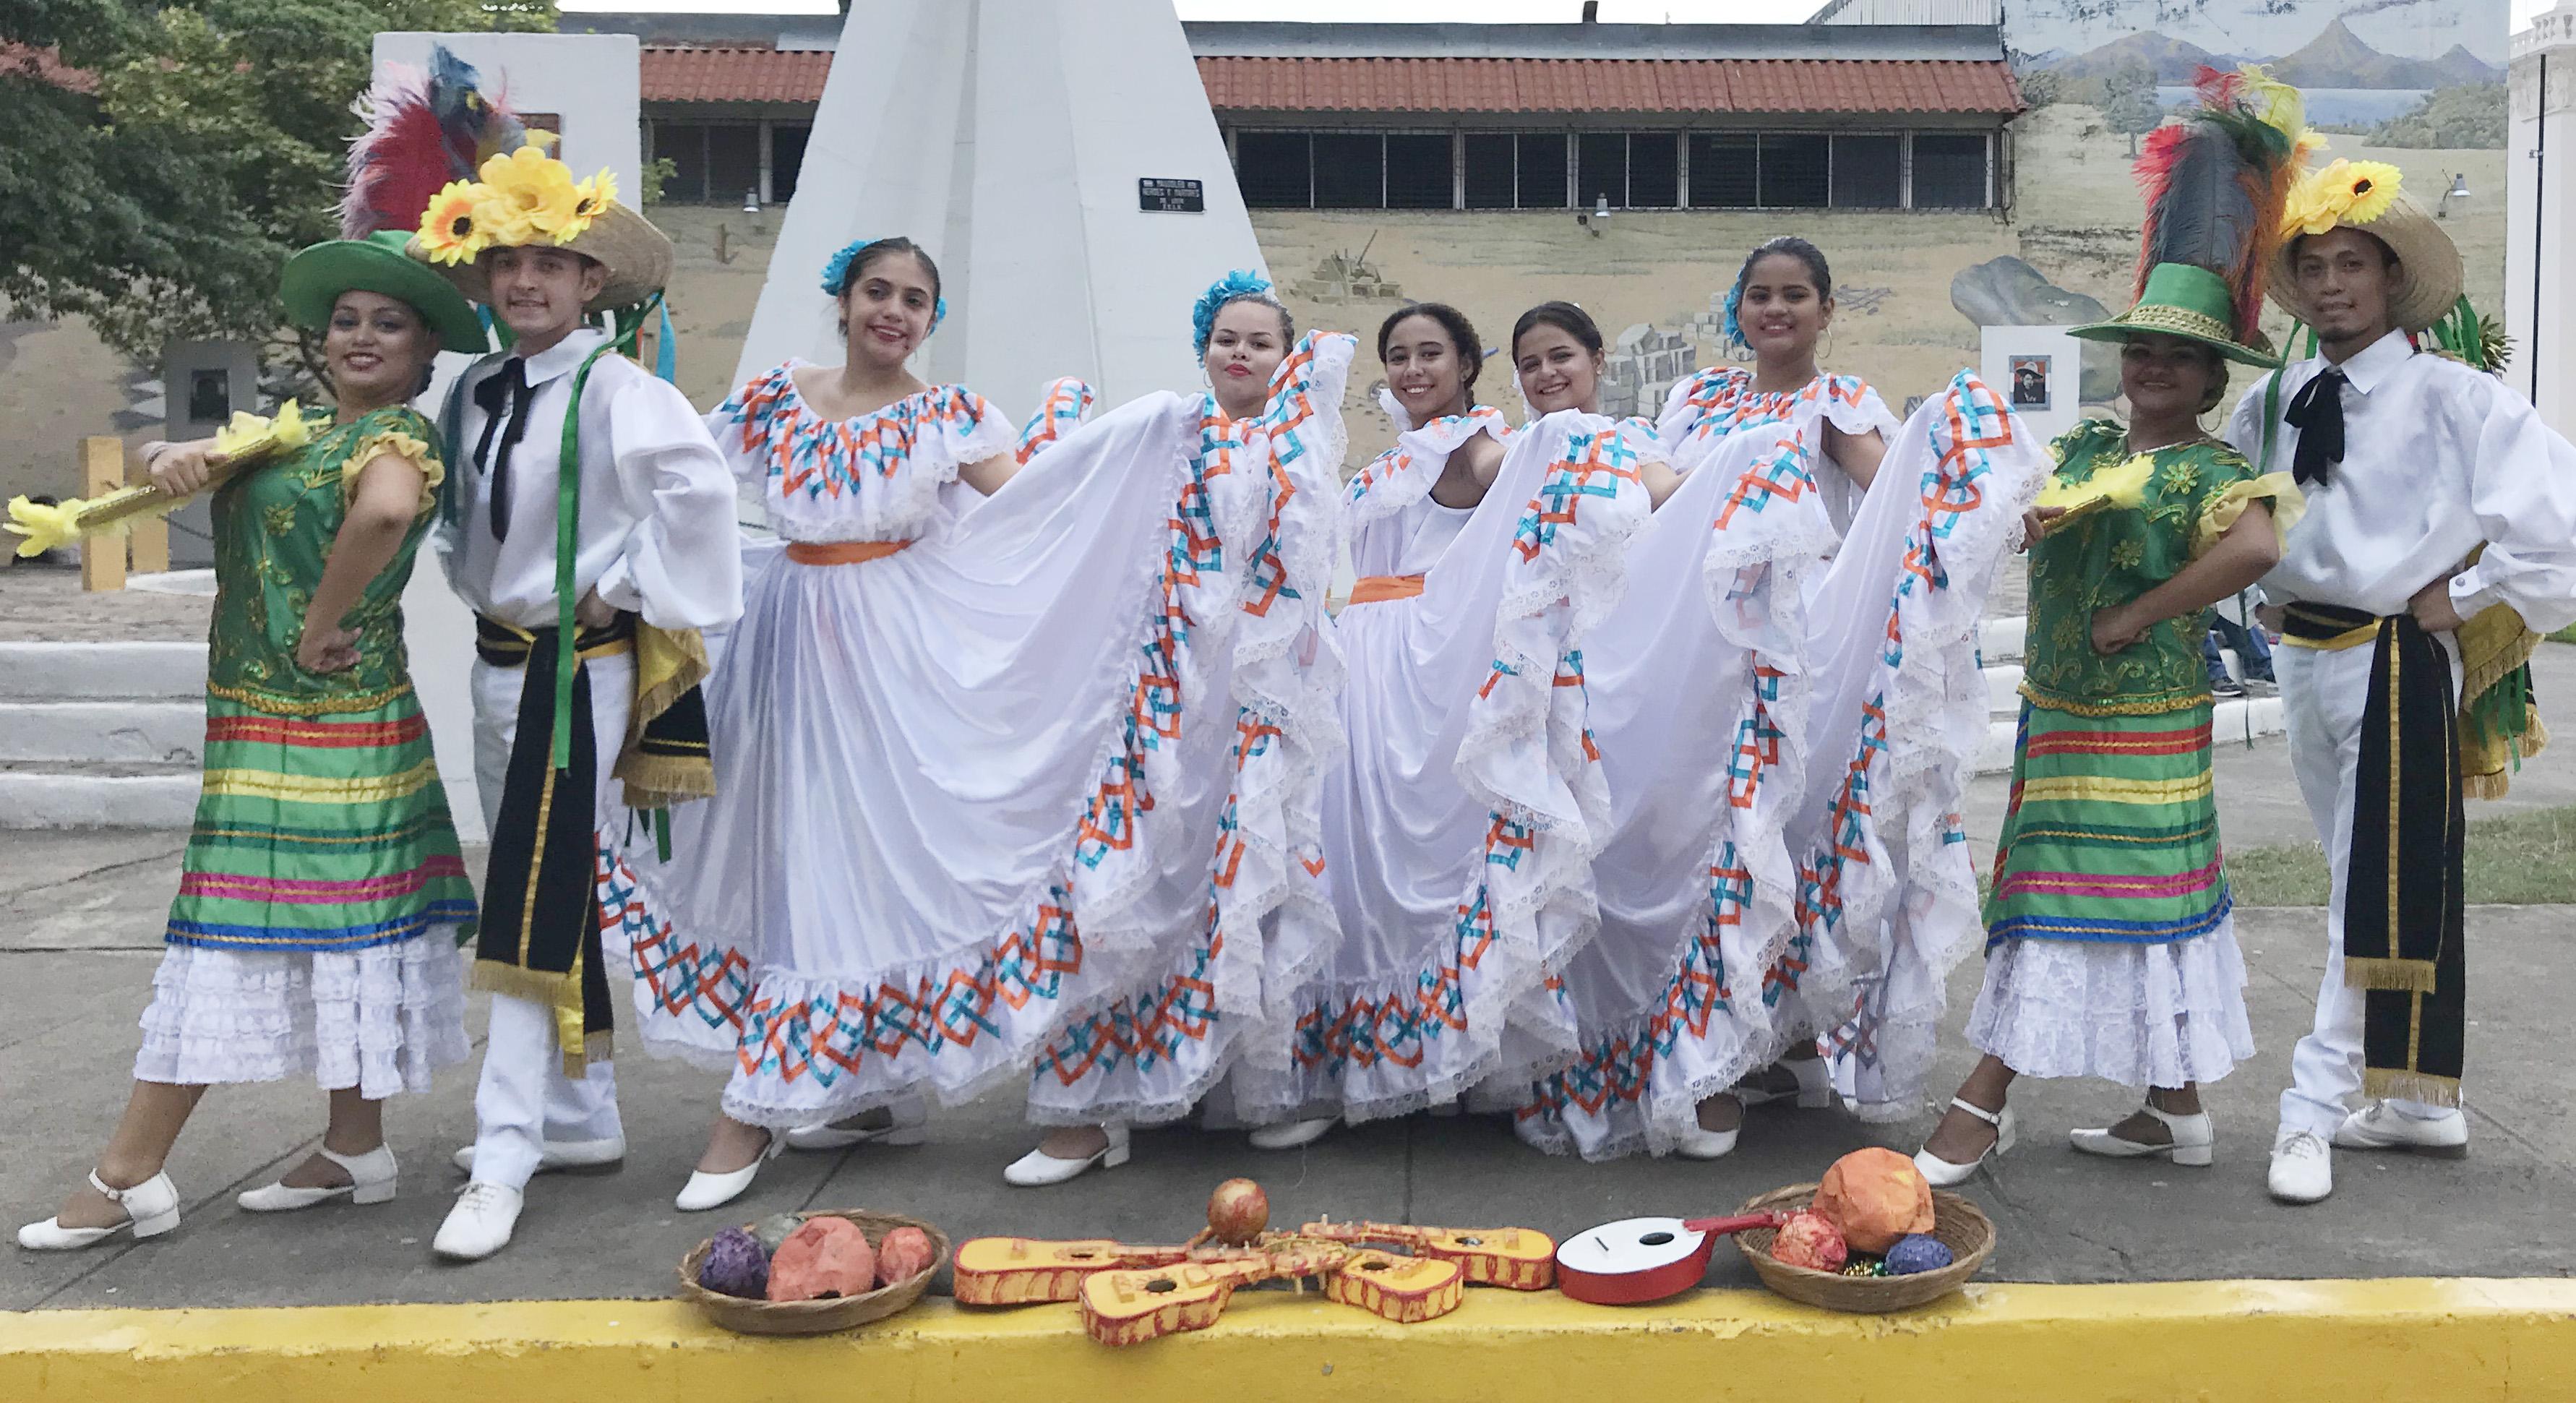 Grupo folklórico Urbaite de la UNAN, amenizan las ferias de negocios en León.